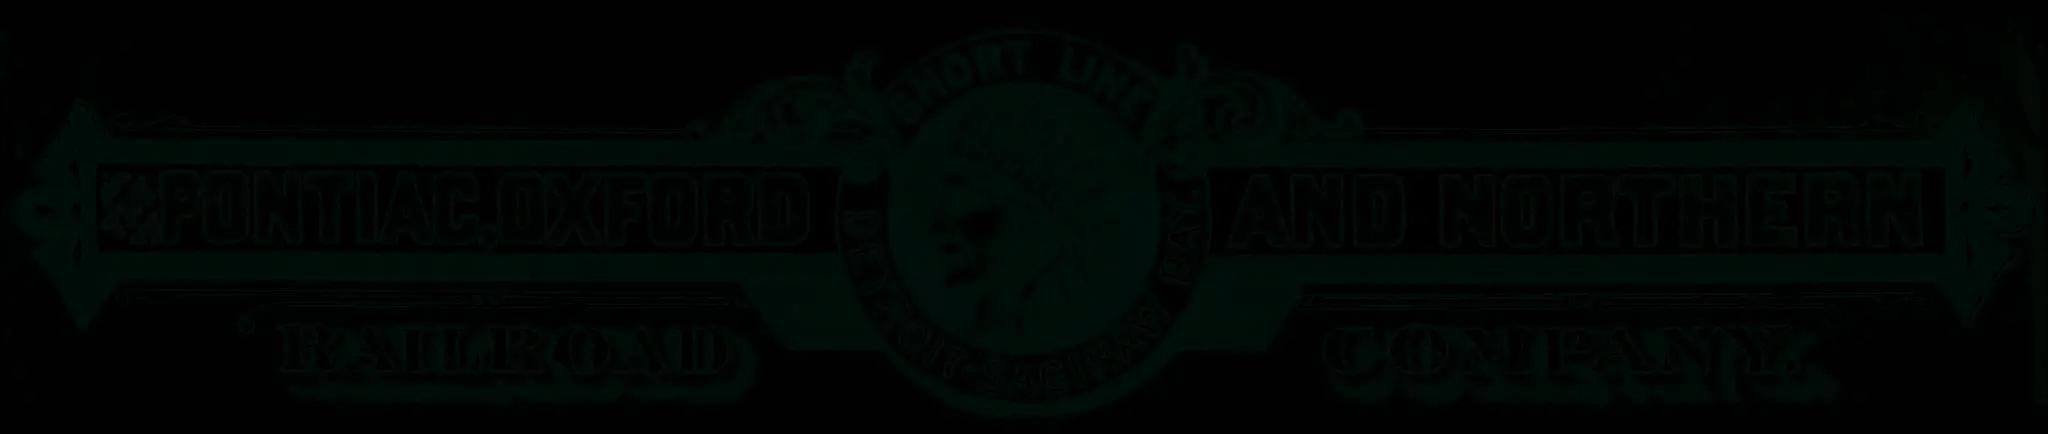 Thumb Railroad - Pontiac Oxford and Northern Railroad